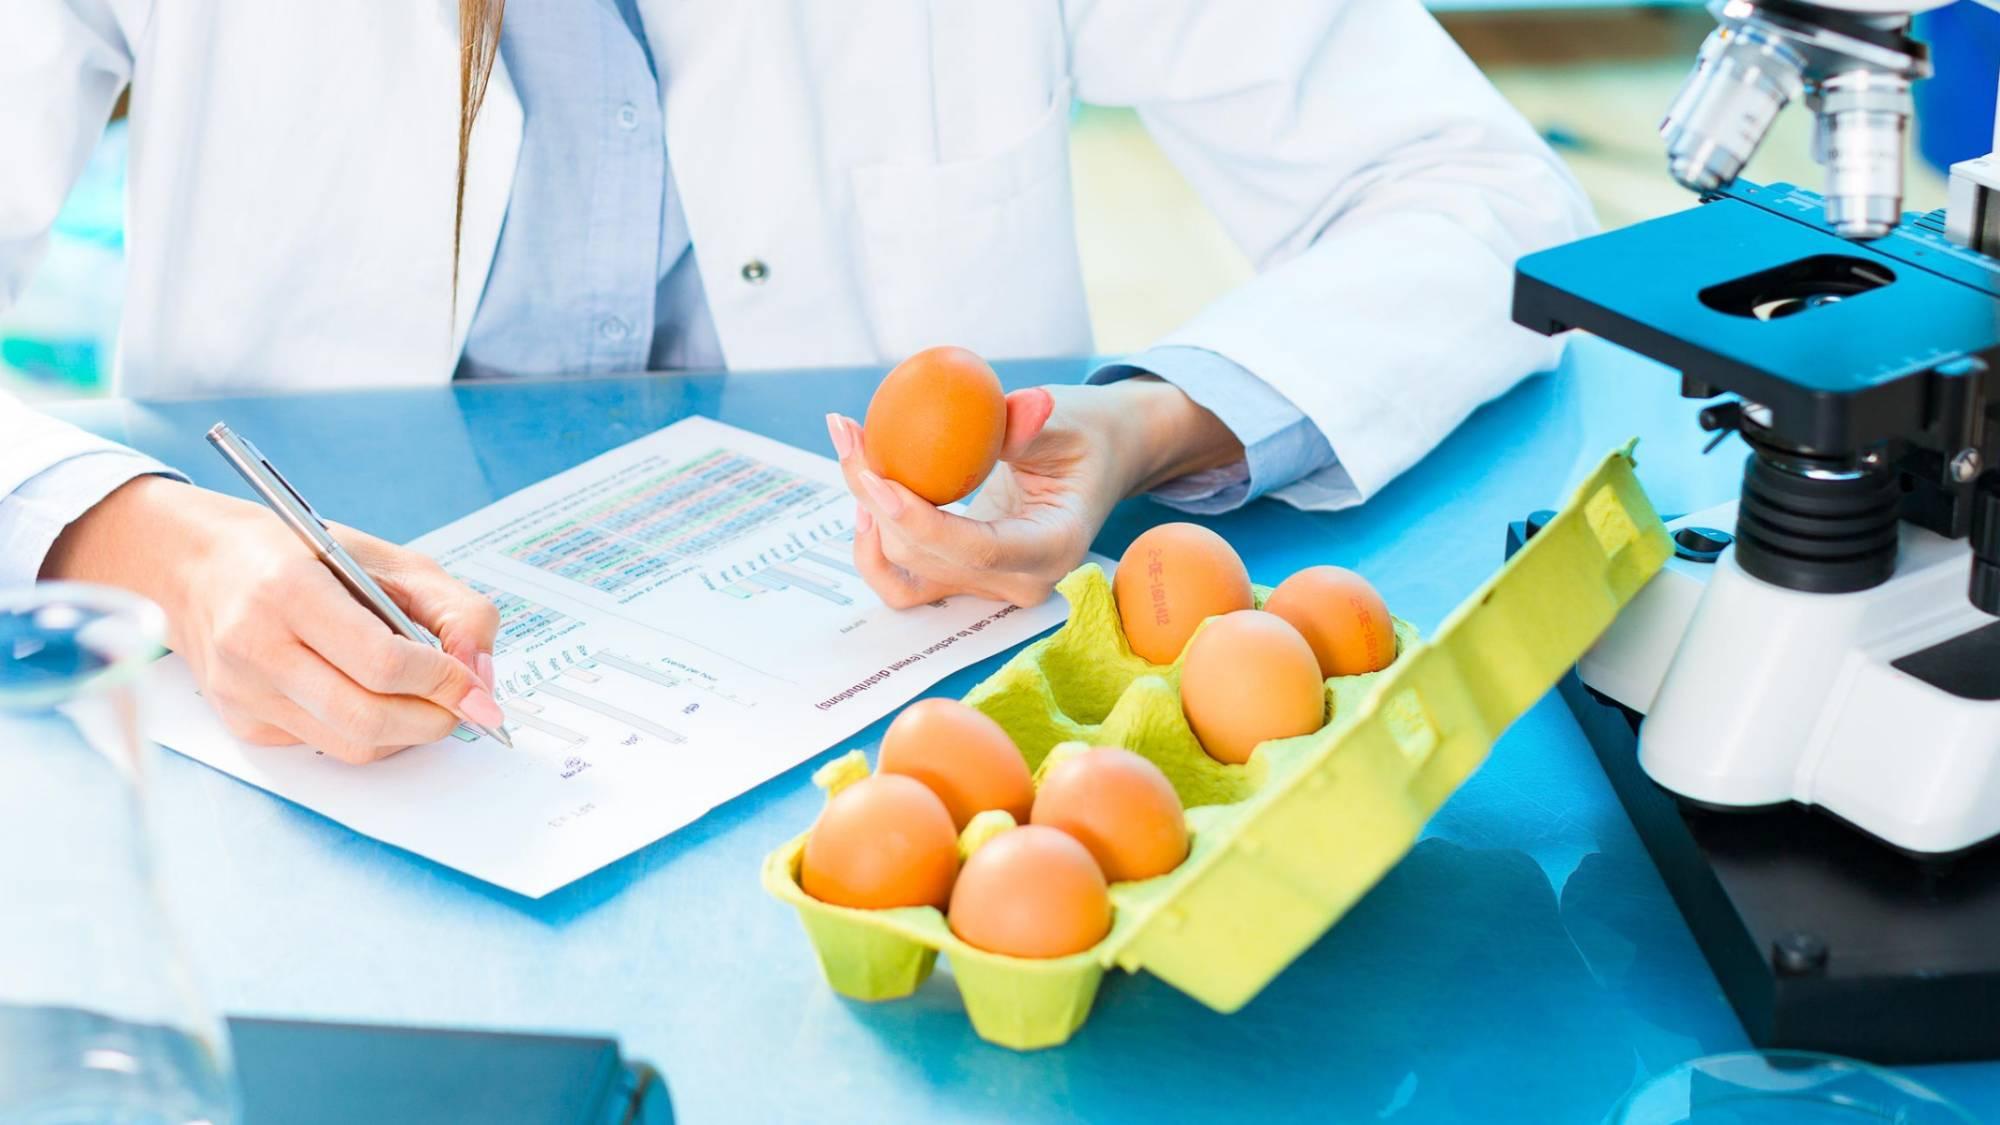 Натуральное — богатым, с ГМО — бедным. В России может появиться новая маркировка товаров для состоятельных людей